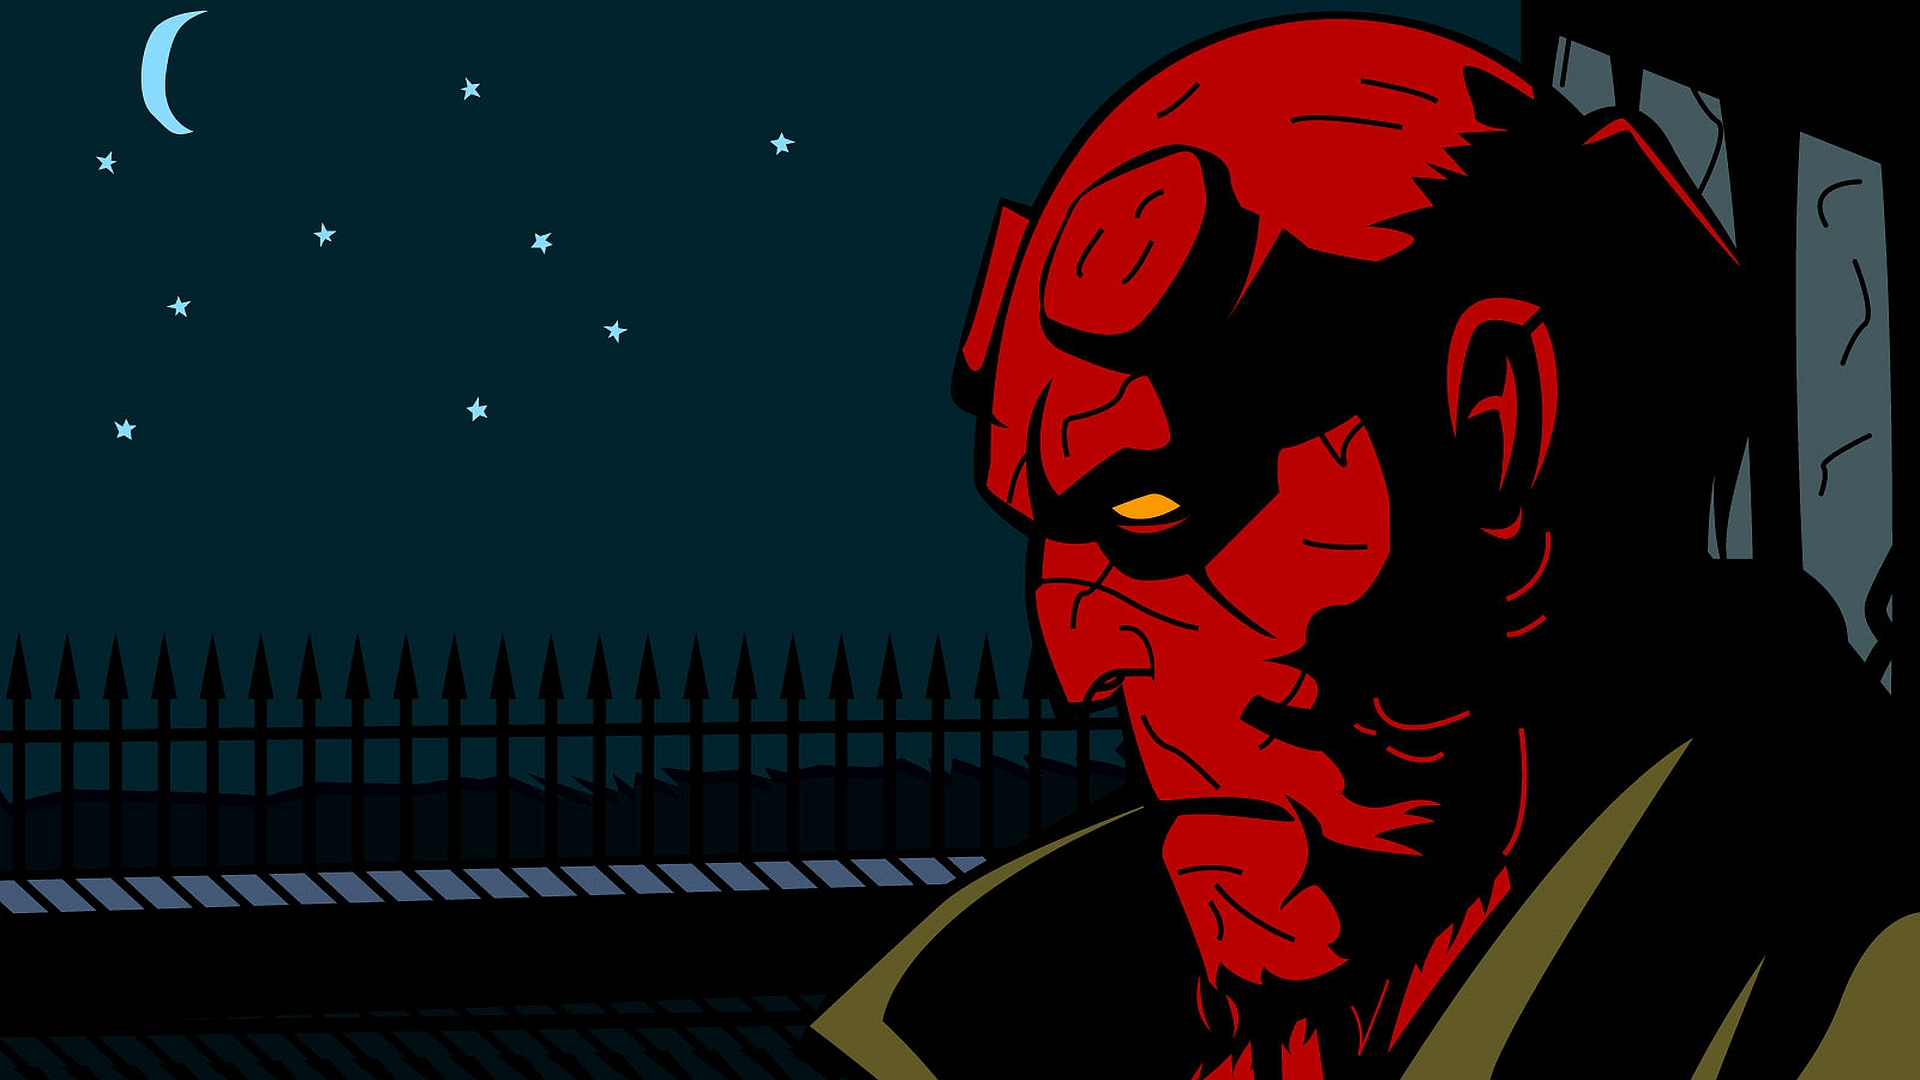 Hellboy 1920x1080